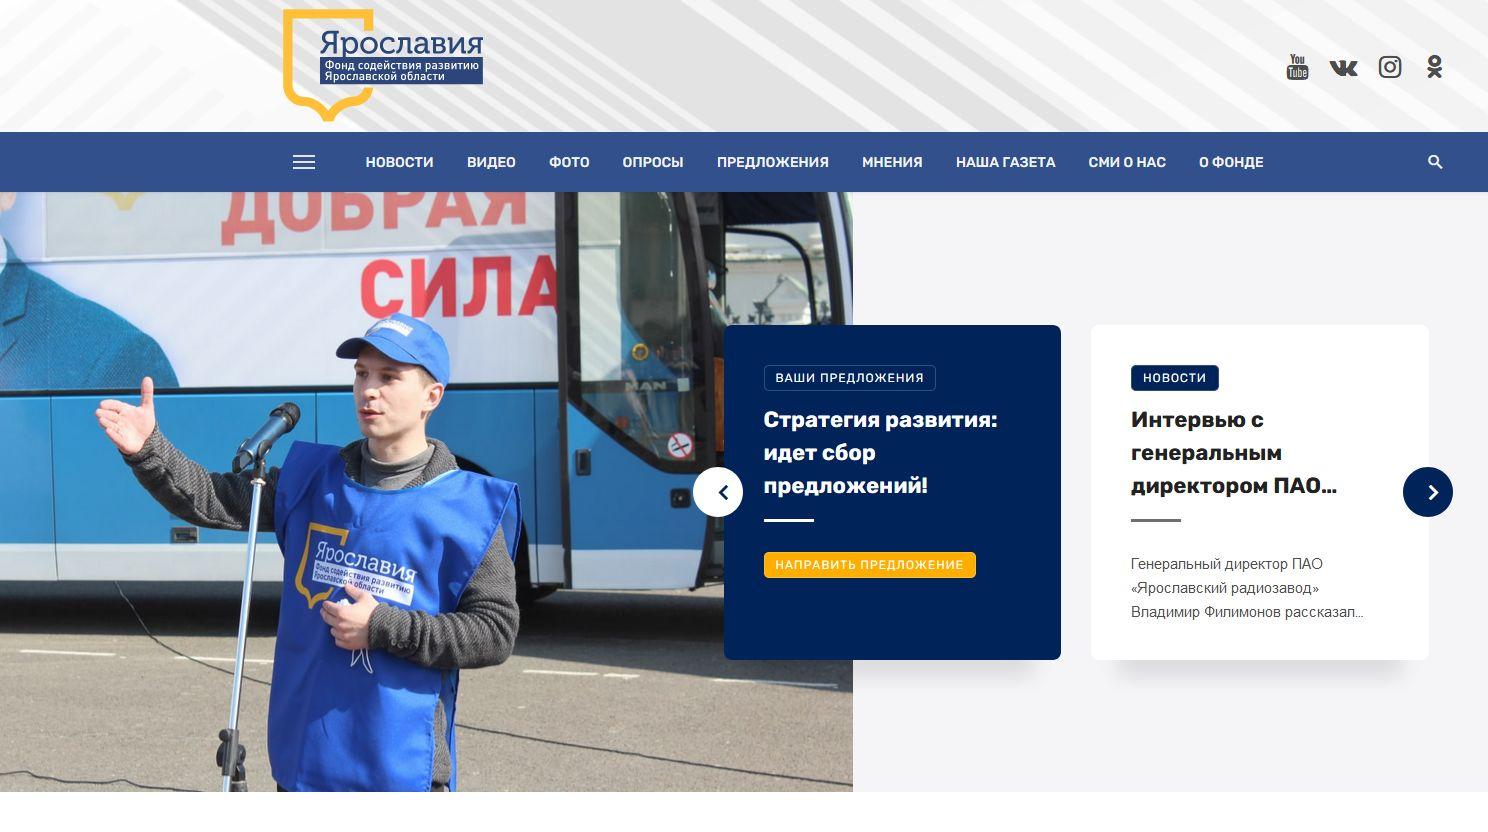 Фонд «Ярославия» запустил цифровую платформу по сбору предложений граждан в региональную стратегию